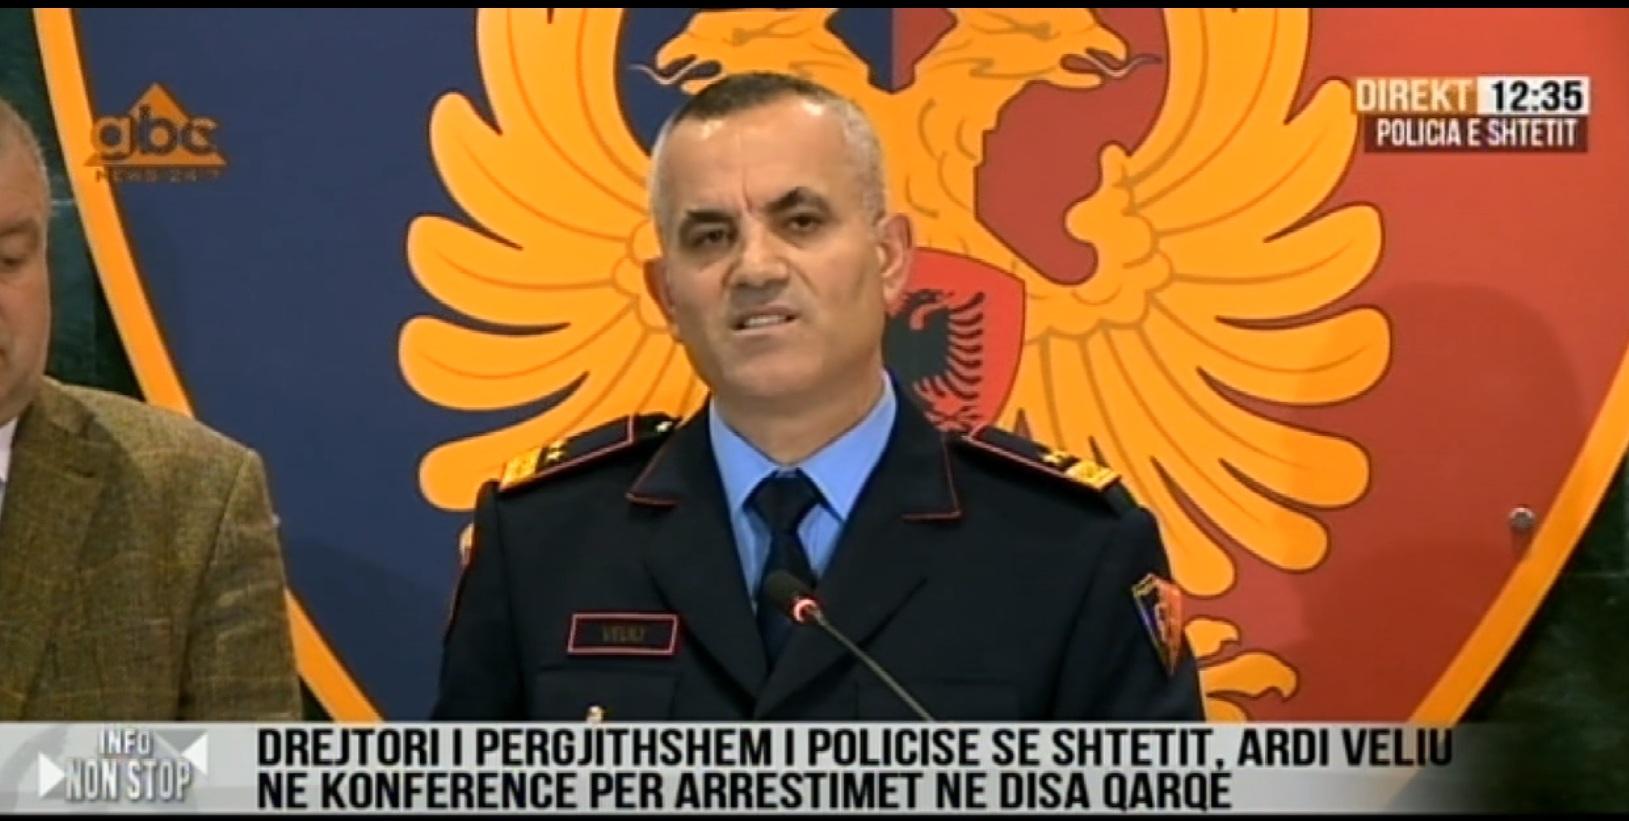 EMRAT / Dhjetra të arrestuar, mes tyre Henri Çili dhe Seit Fishta: Ardi Veliu jep detajet e mega operacionit